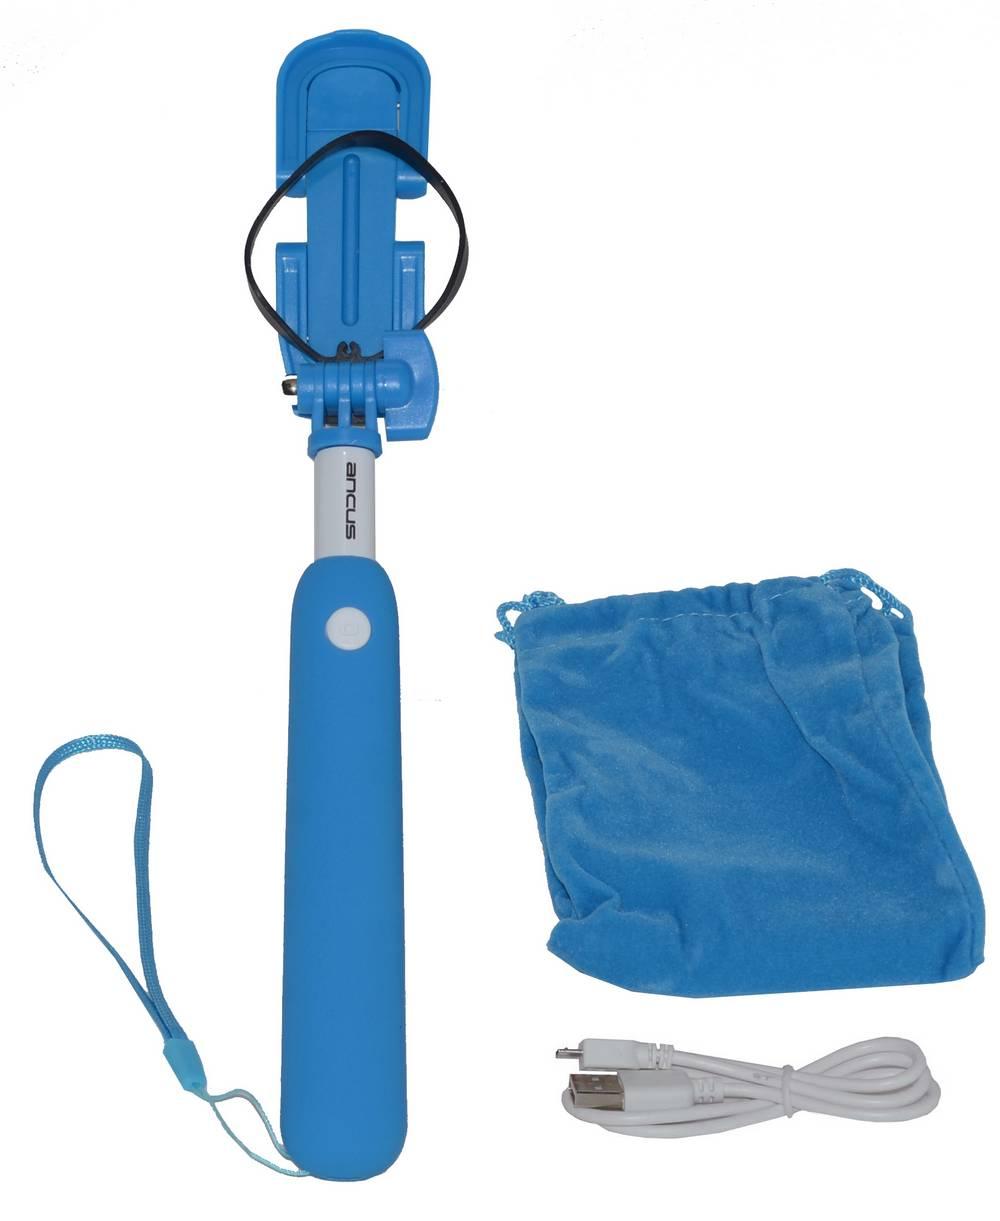 Selfie Stick Ancus Mini Bluetooth Μπλε (Μήκος Κονταριού 18cm, Μήκος Ανοίγματος 72cm)